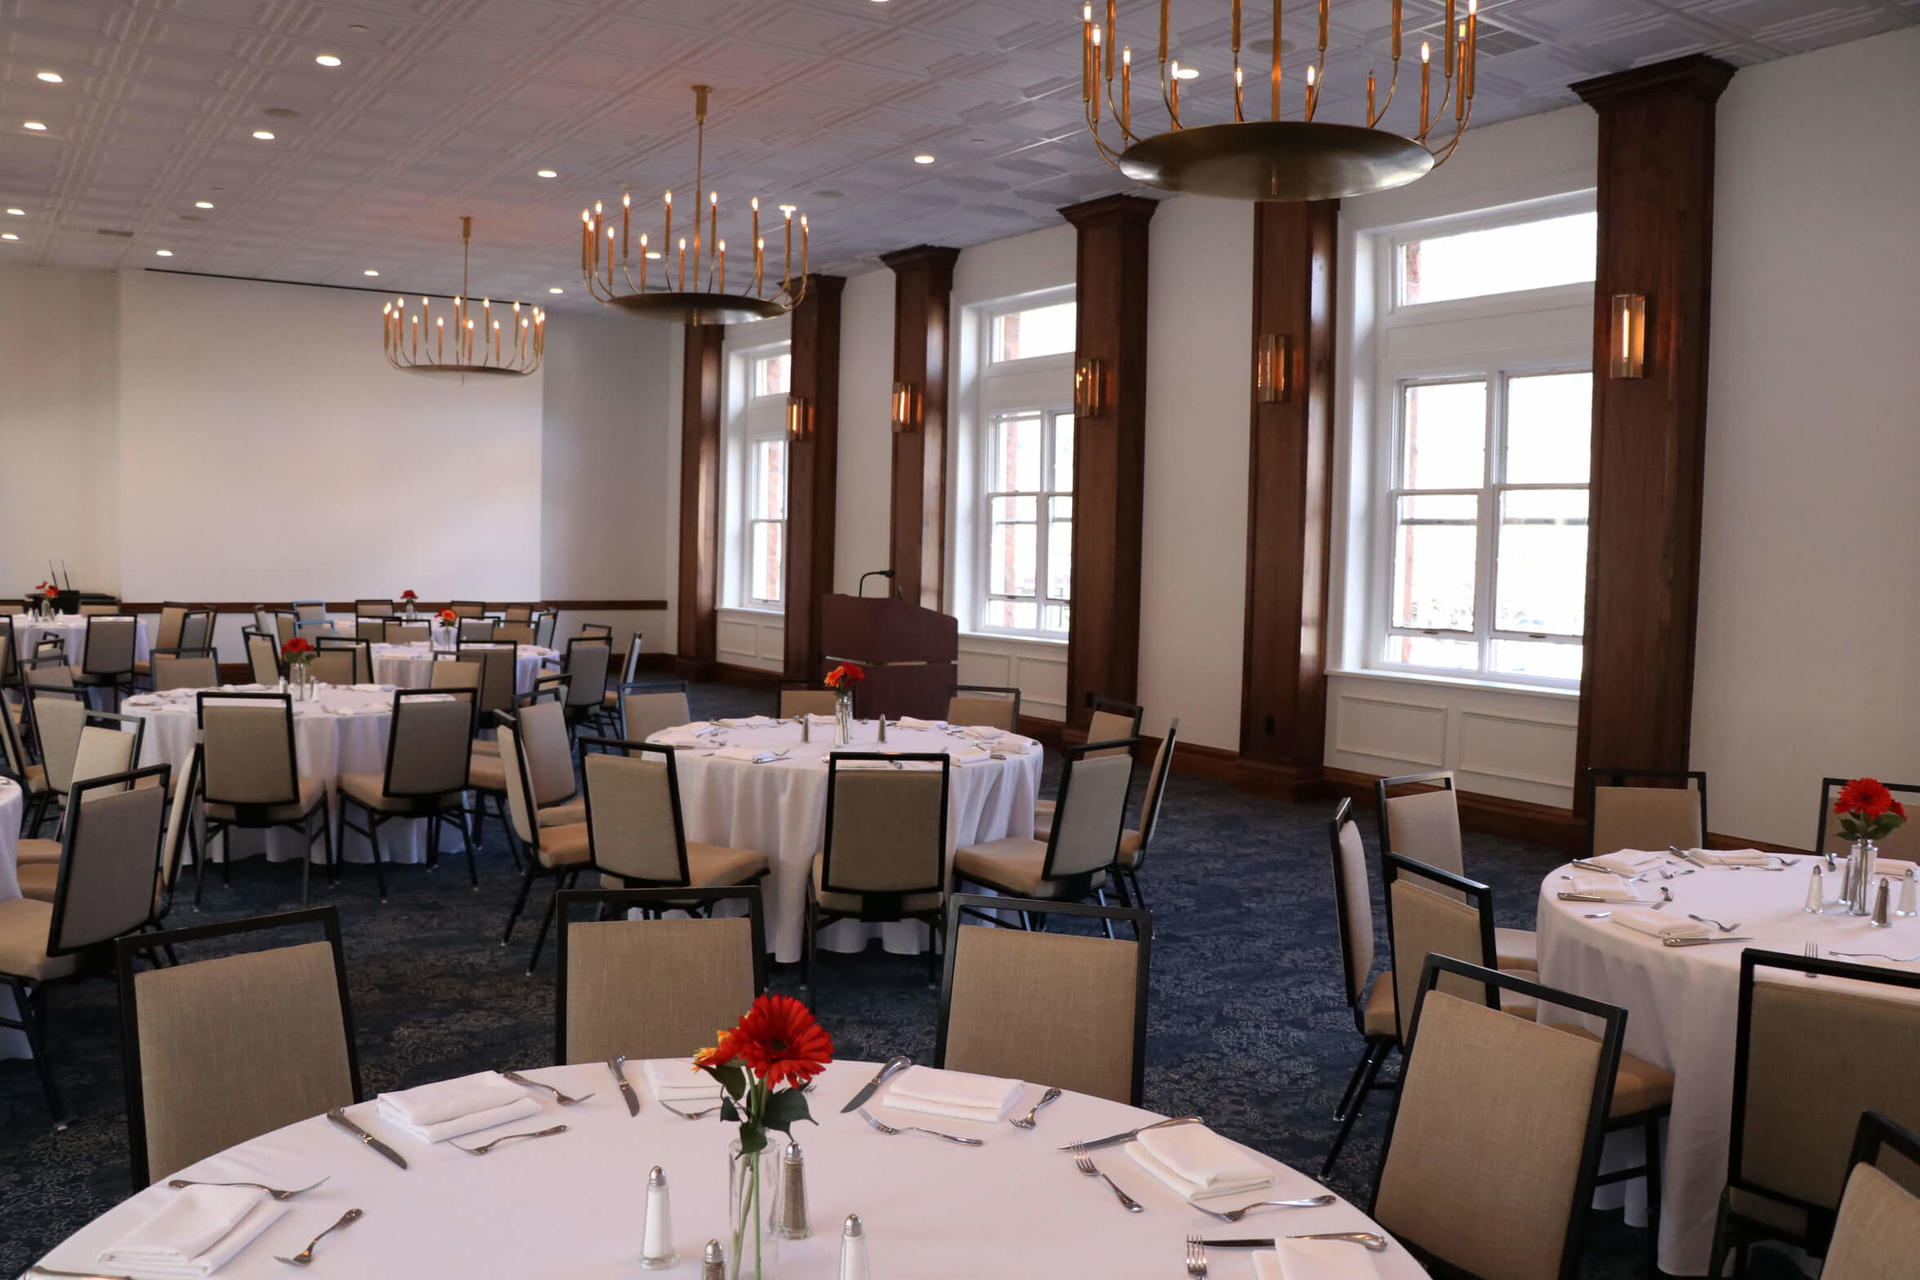 Colorado Ballroom set up for corporate event at Hotel Colorado